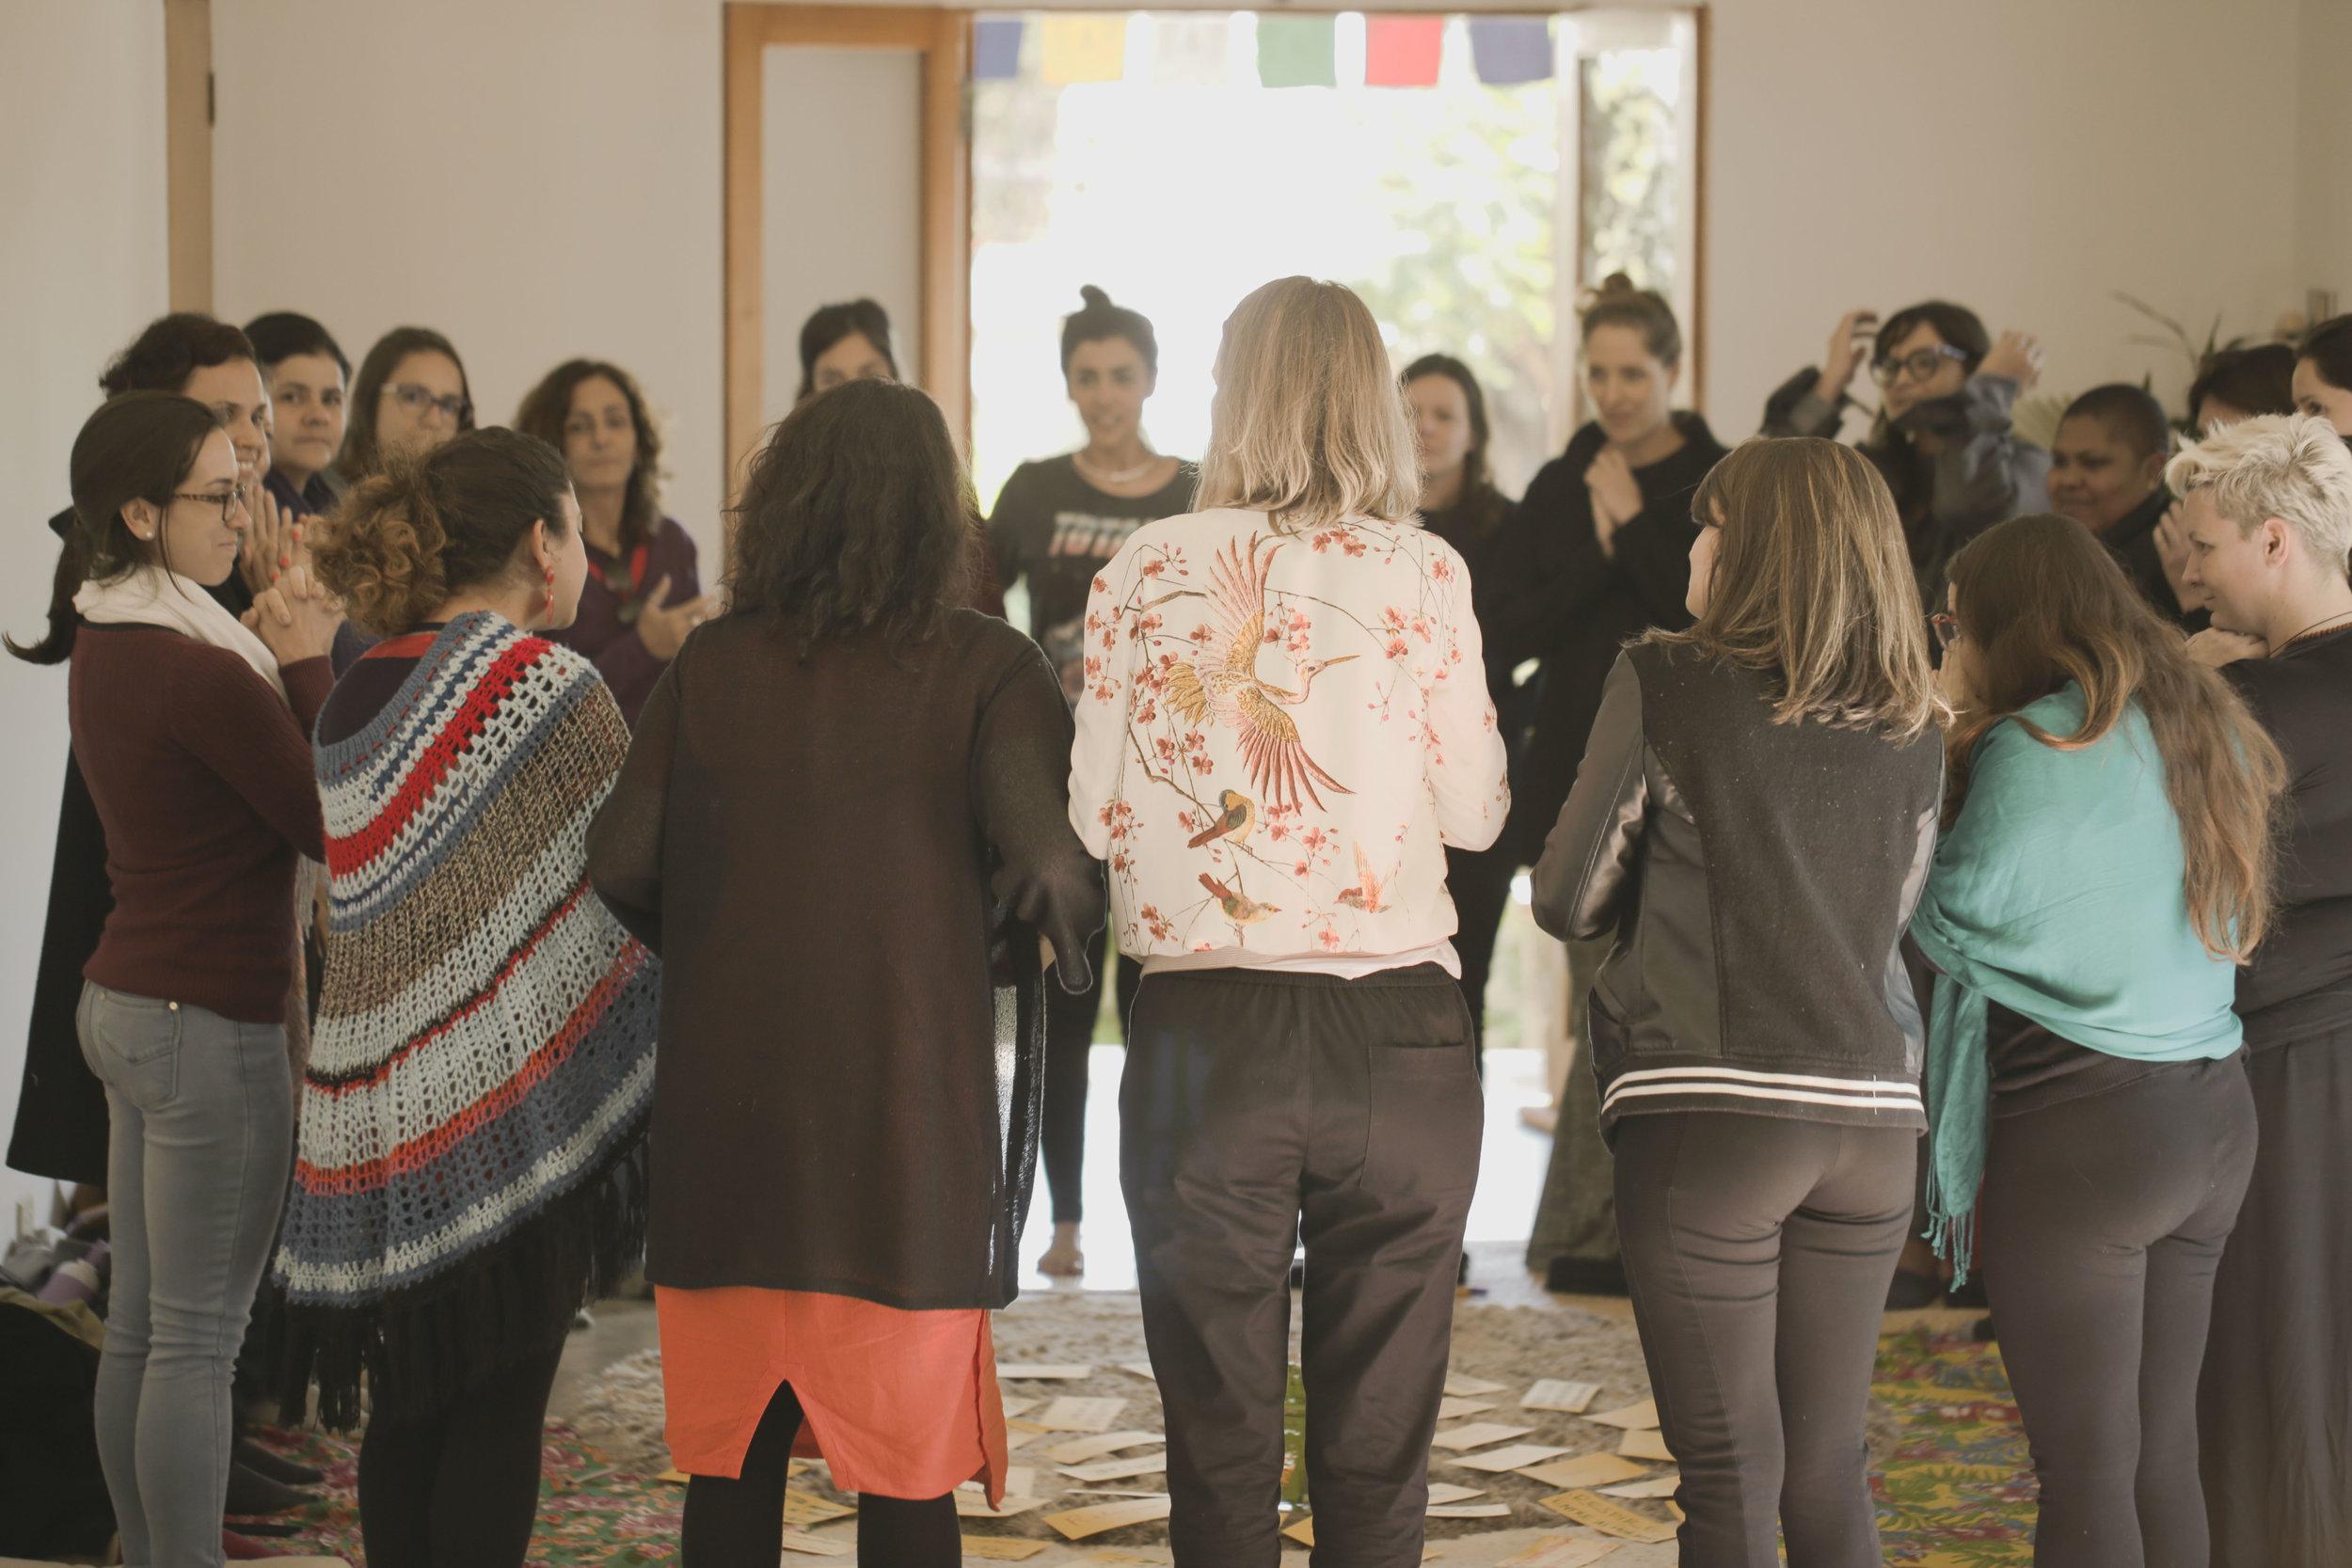 Comum - Uma plataforma de florescimento humano para mulheres, que une gênero com temas de desenvolvimento humano.